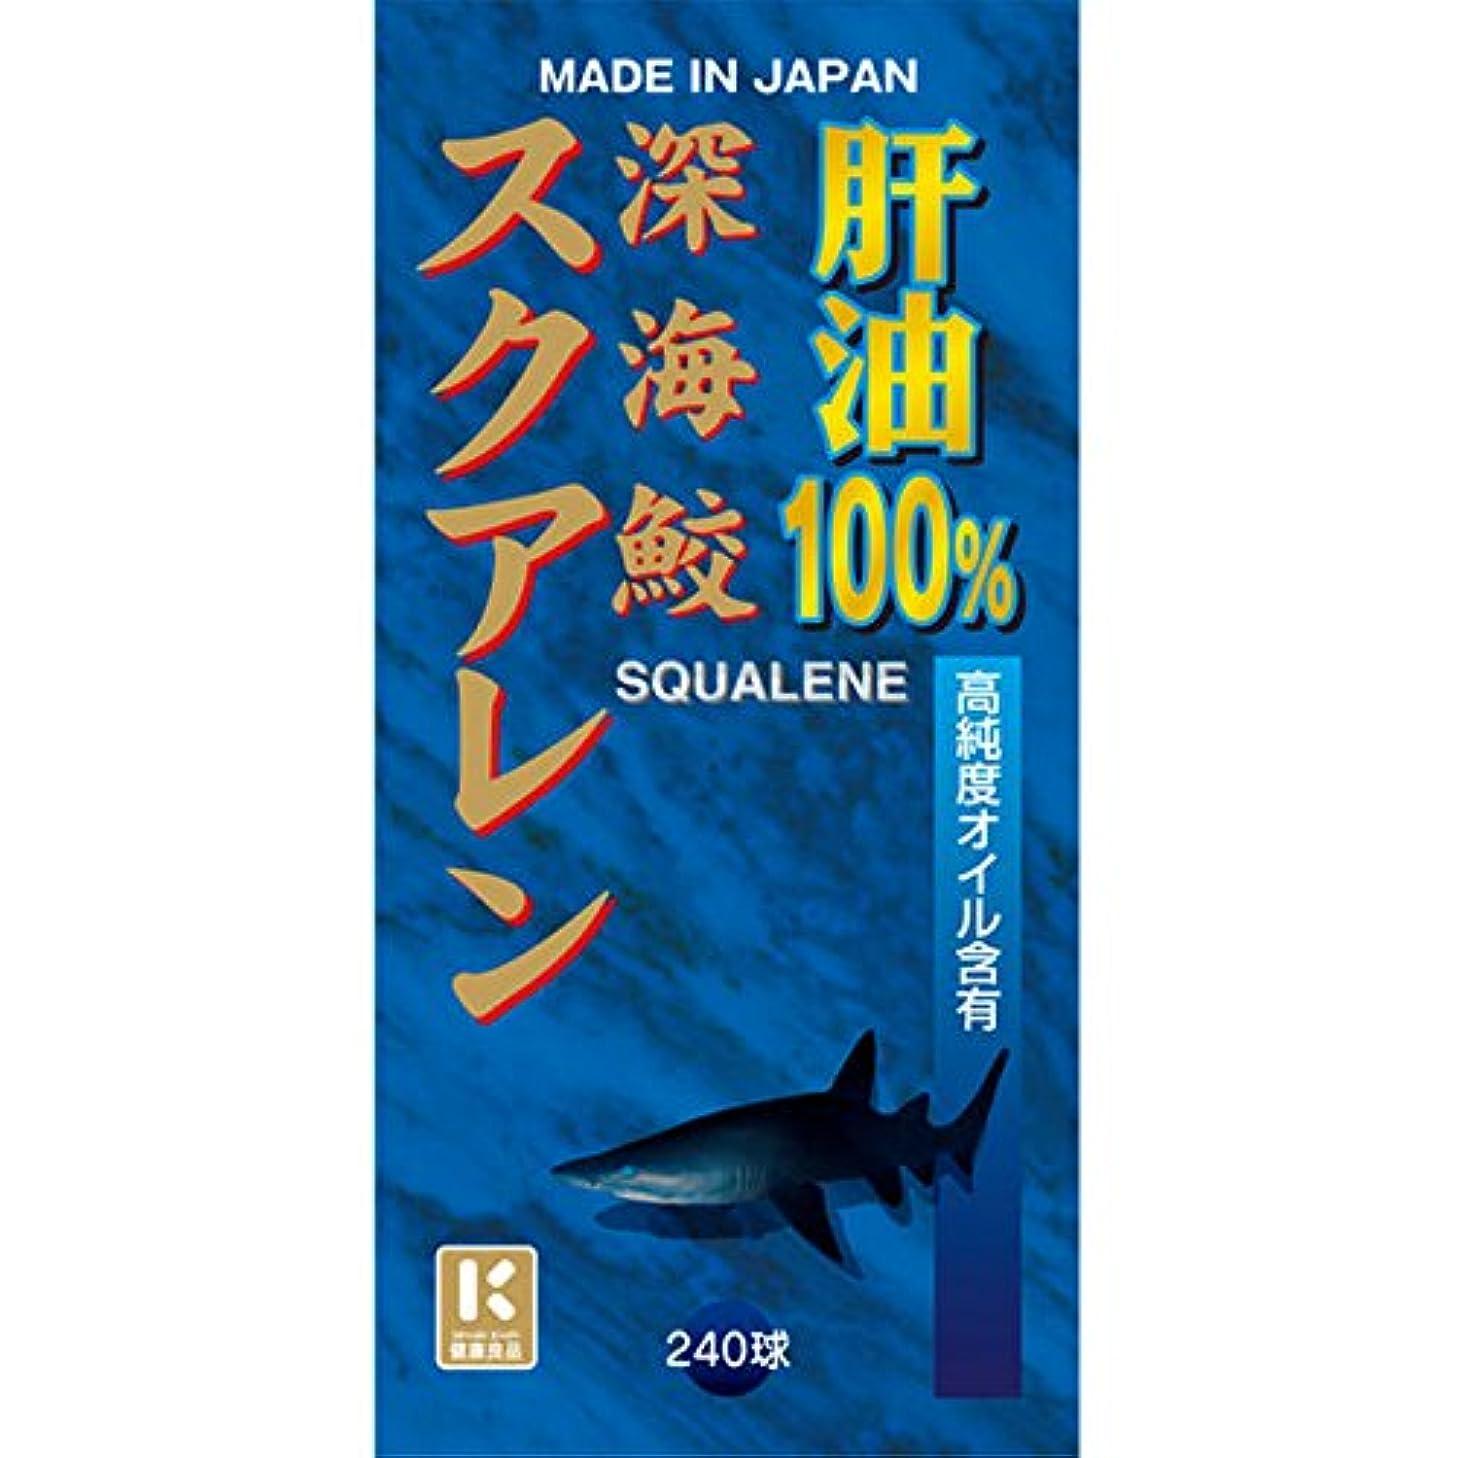 スーパー与える緑深海鮫スクアレン 240球